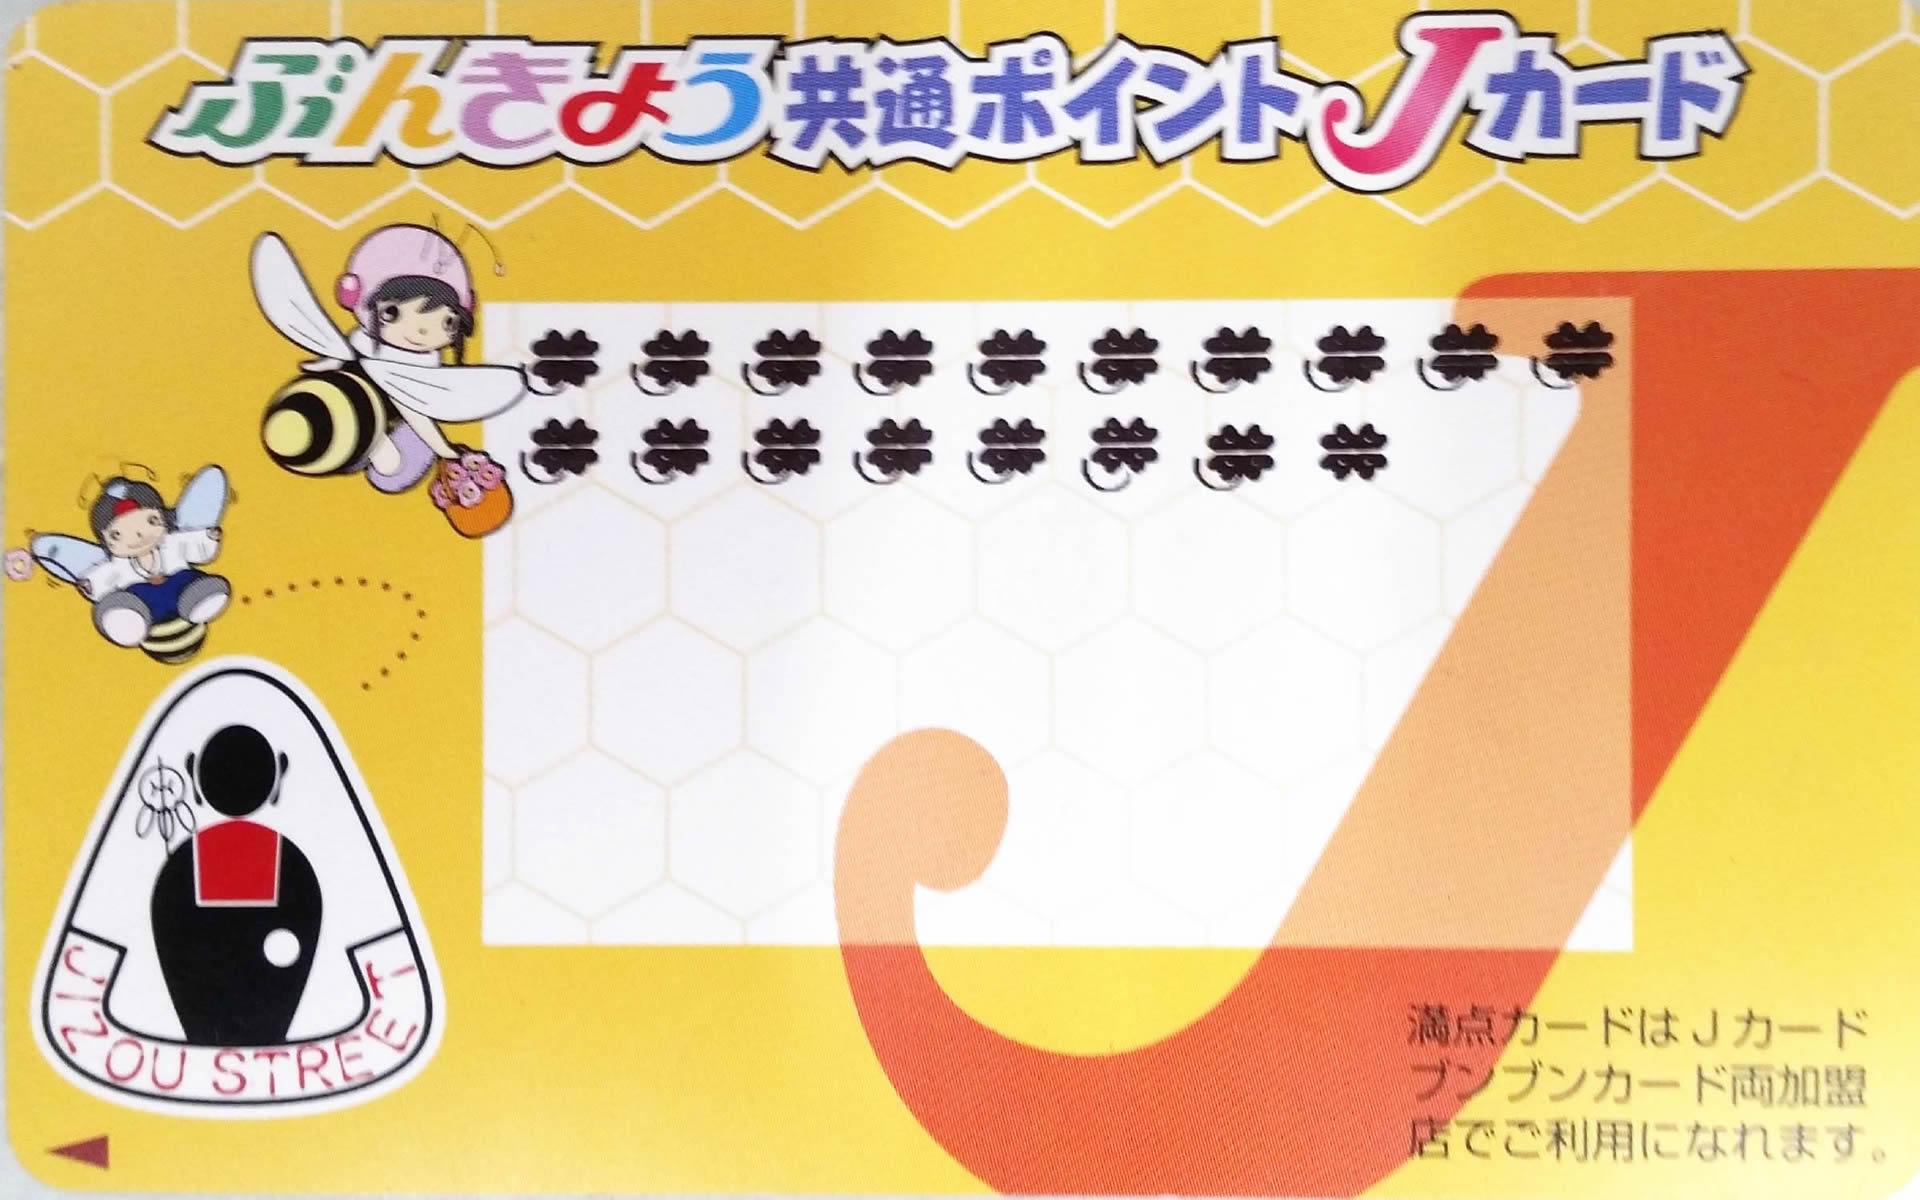 クリーニング 江戸川橋 クリーニングショップFiveA ぶんきょう共通ポイントJカード